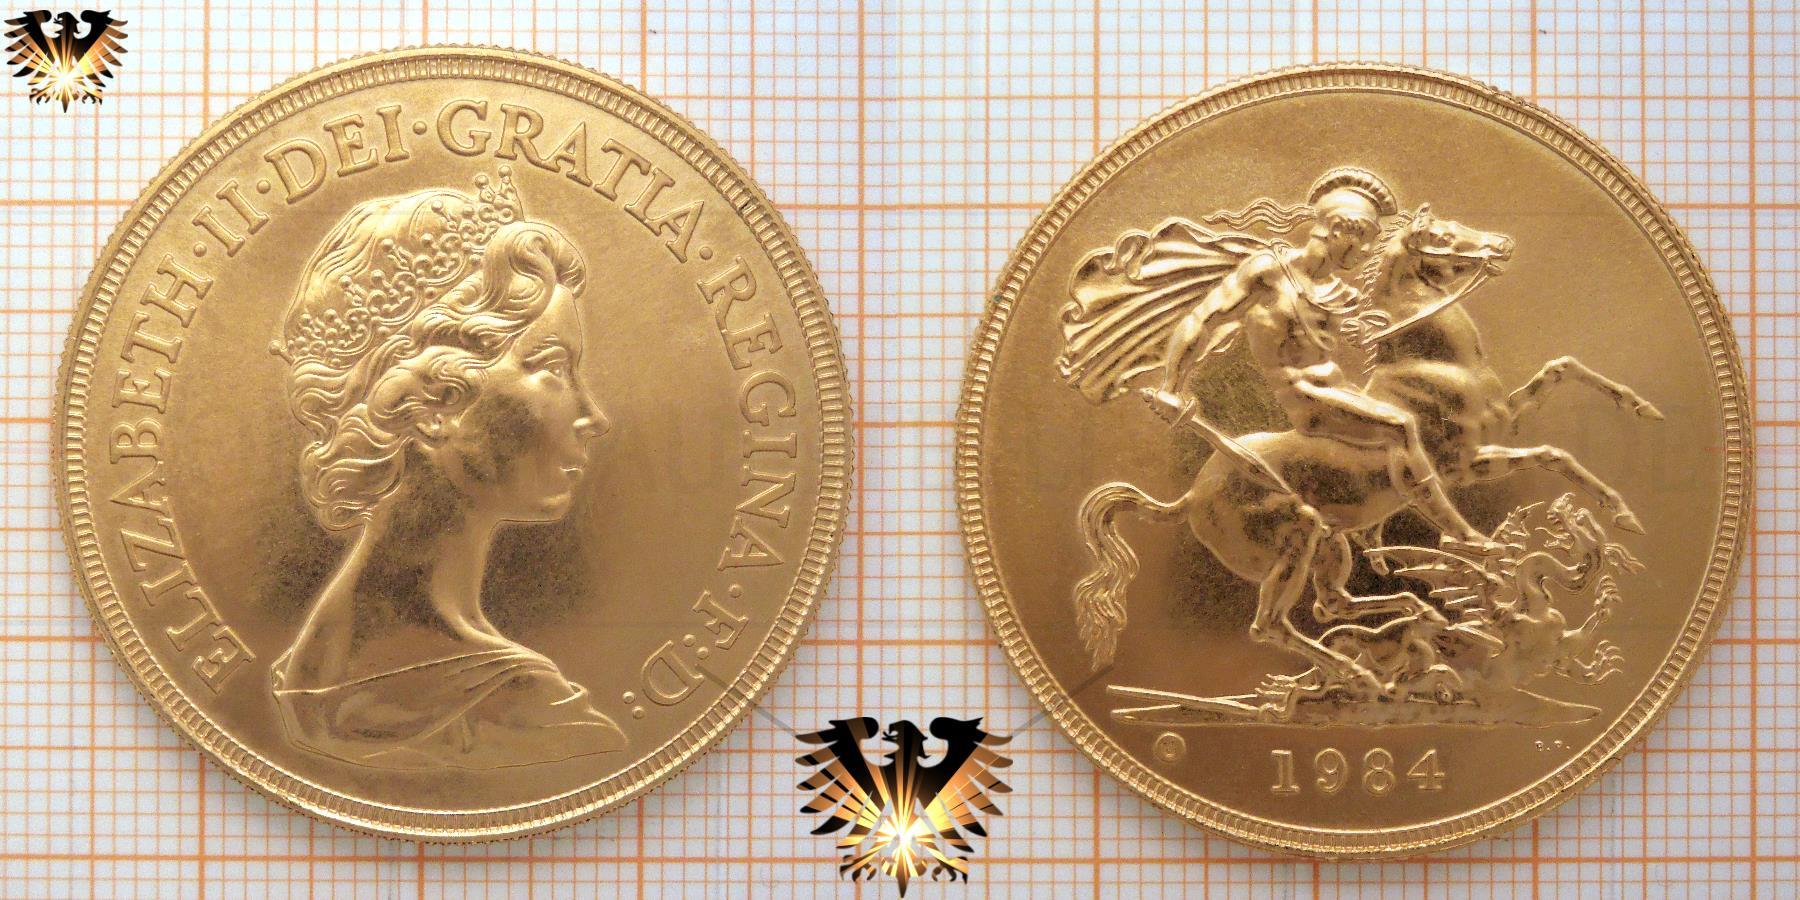 5 Pound Sovereign 1984 Bu Elizabeth Ii Dei Gratia Regina F D